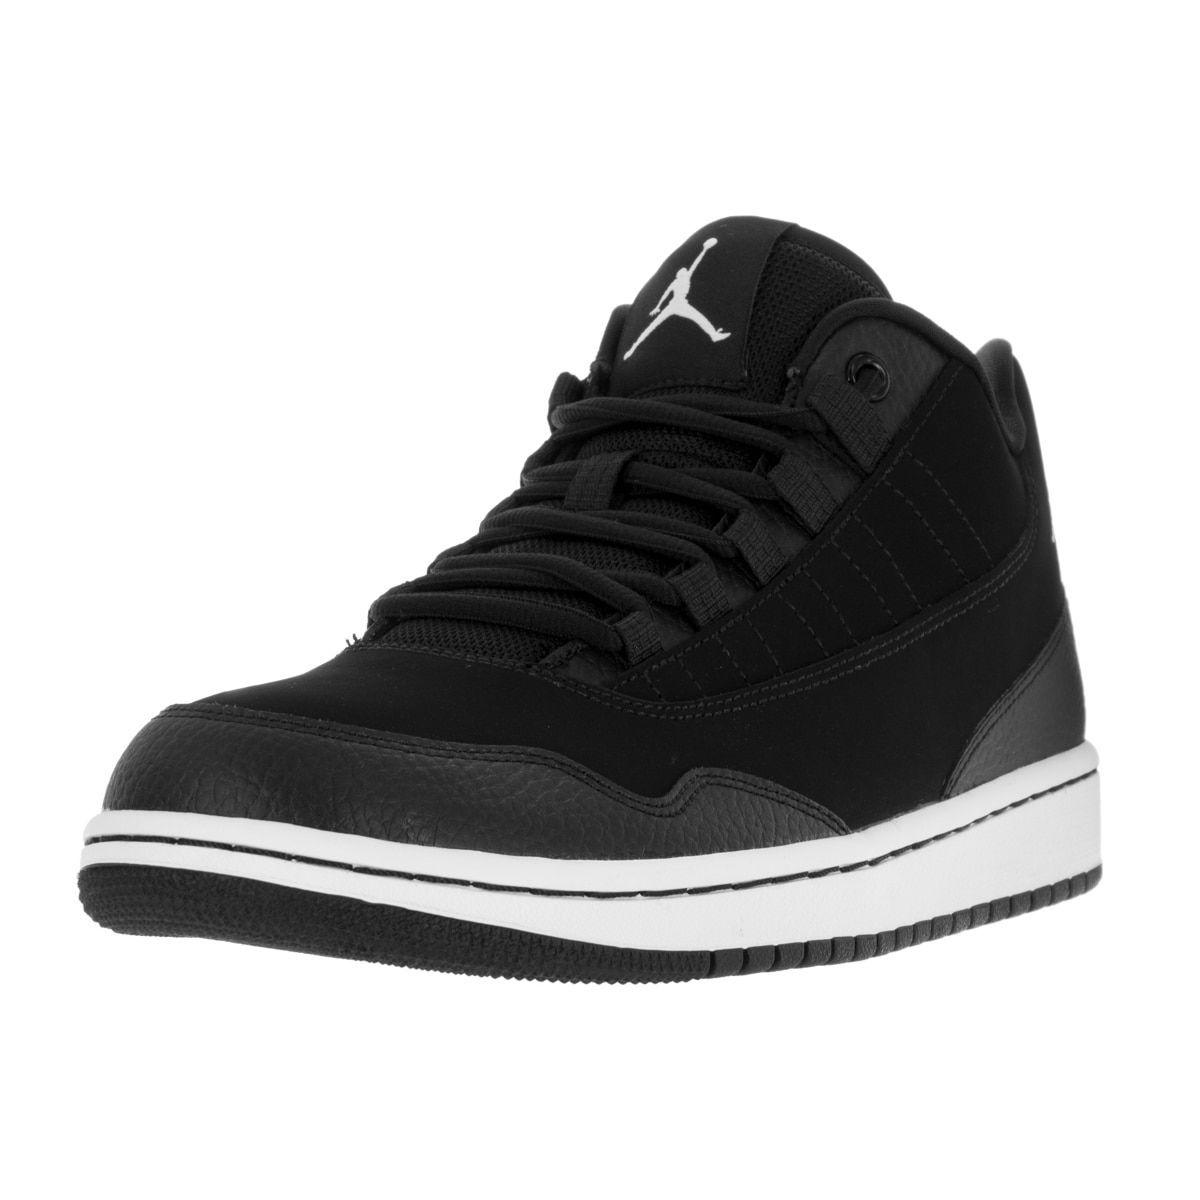 0c5f75853 Nike Jordan Men s Jordan Executive Low Black White White Casual Shoe ...